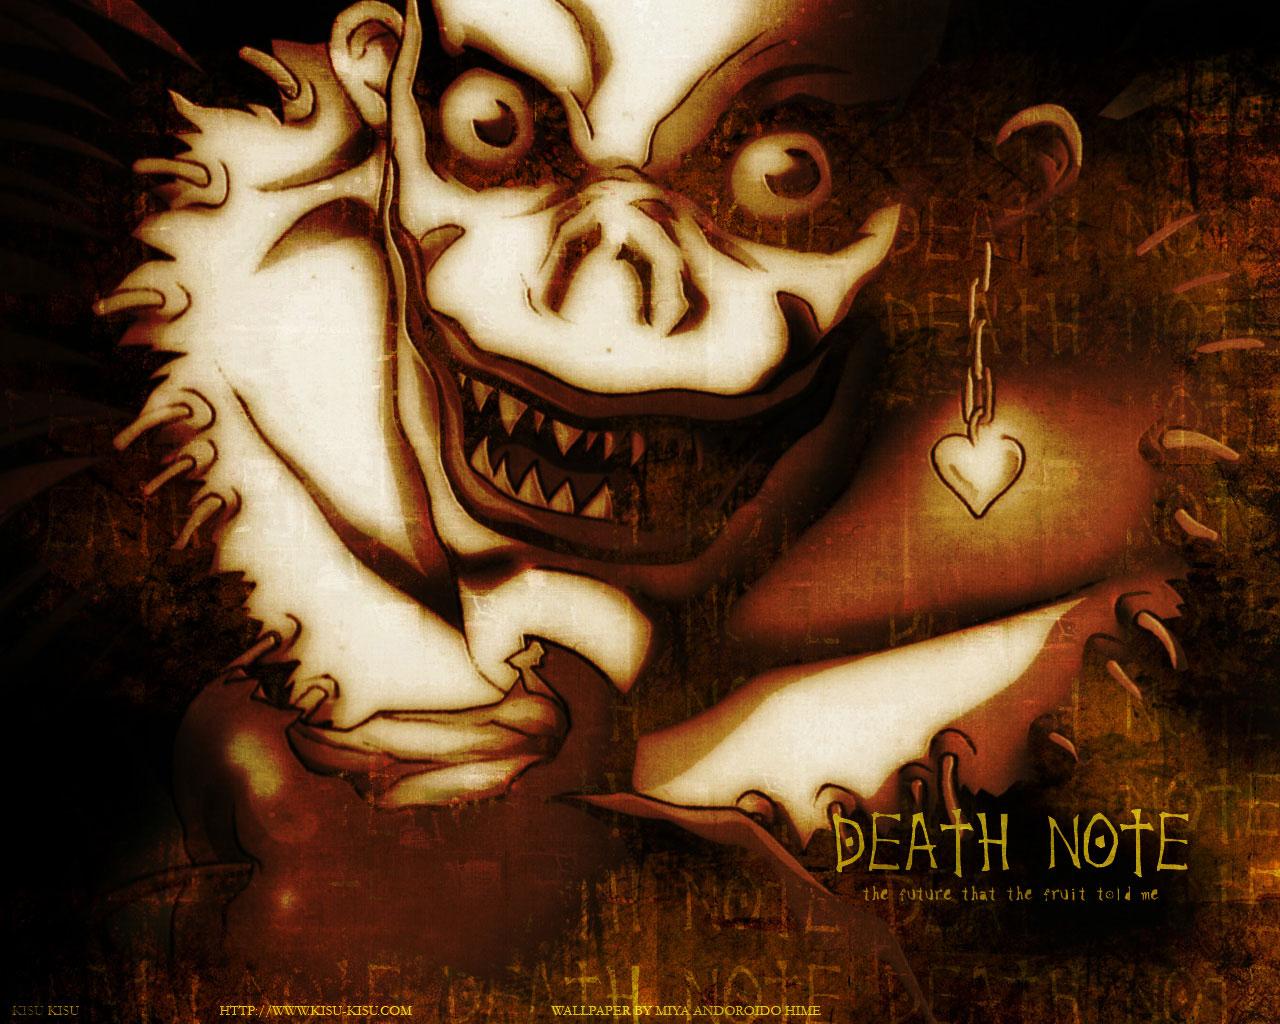 http://2.bp.blogspot.com/-4EtOK7FuRIo/UBQlAl9wvUI/AAAAAAAABek/K2r1hWCTlTQ/s1600/death_note_desktop_1280x1024_wallpaper-145570.jpeg